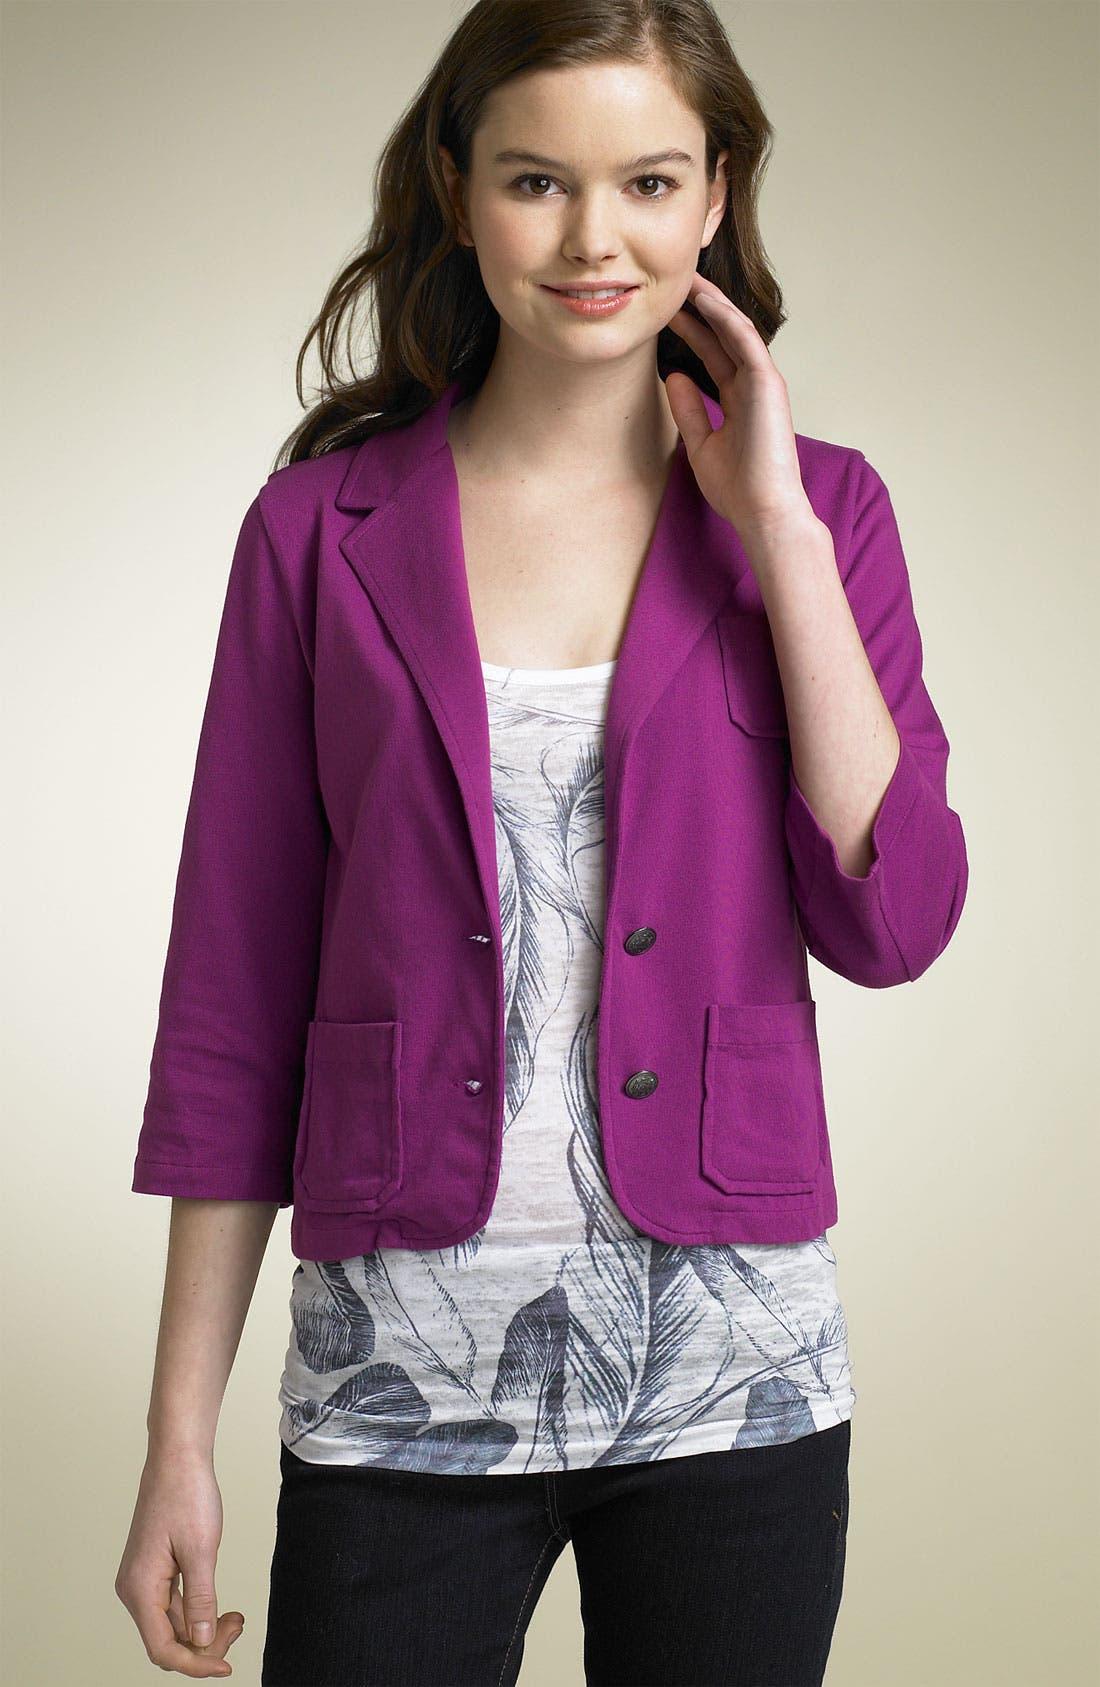 Alternate Image 1 Selected - Frenchi® Shrunken Jersey Blazer (Juniors)